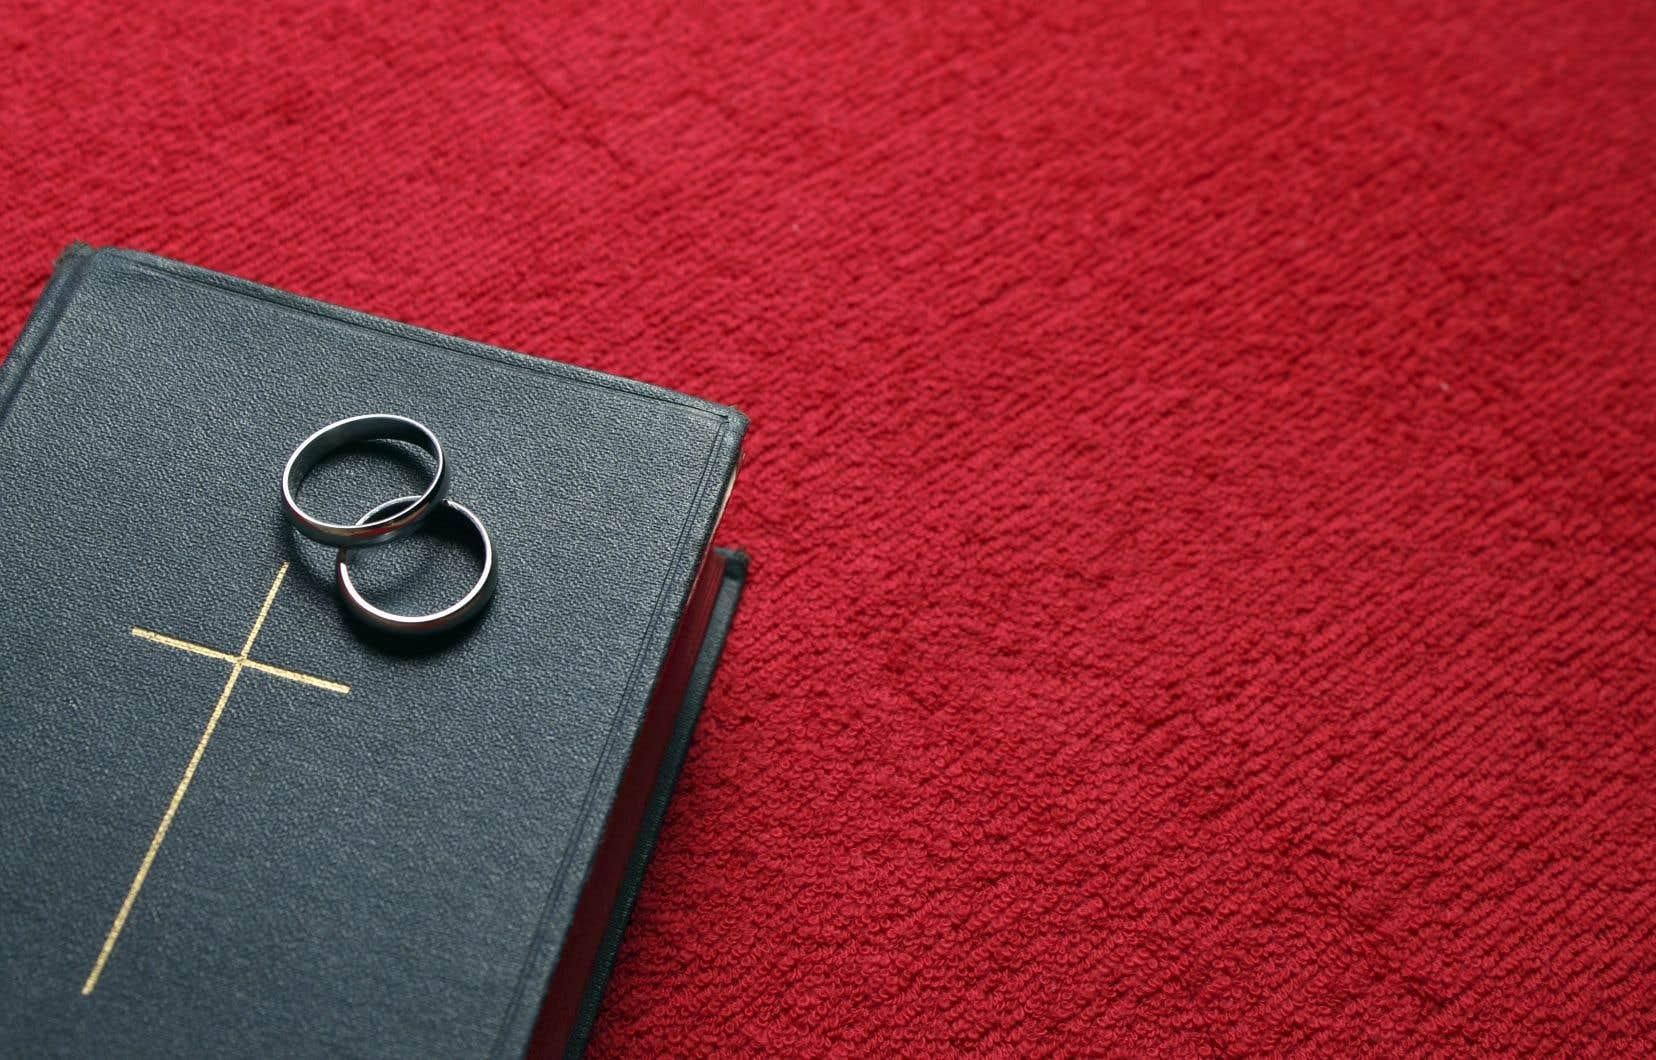 La Cour d'appel a rejeté l'appel d'un homme qui prétendait «qu'en associant des conséquences juridiques au mariage religieux, le Code civil du Québec entrave l'exercice de la liberté de religion des individus».